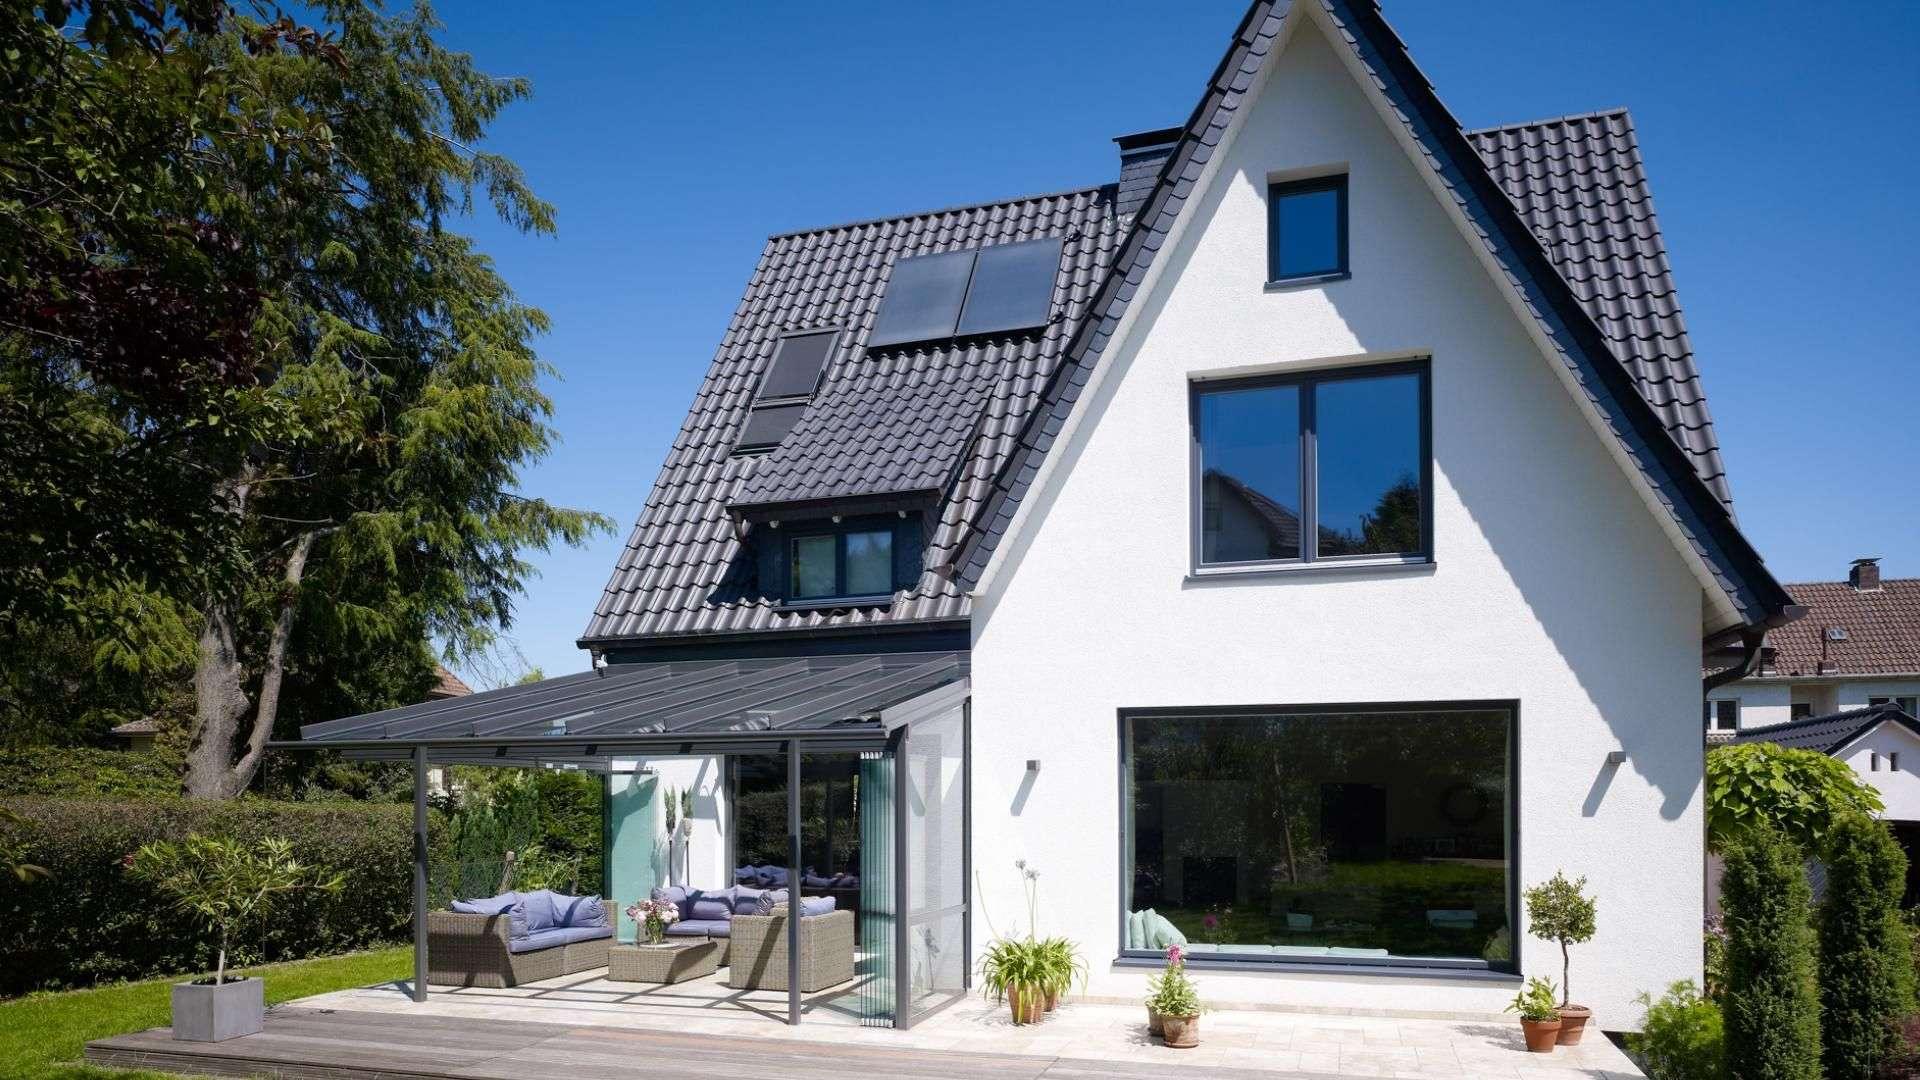 Einfamilienhaus mit Glashaus auf der Terrasse